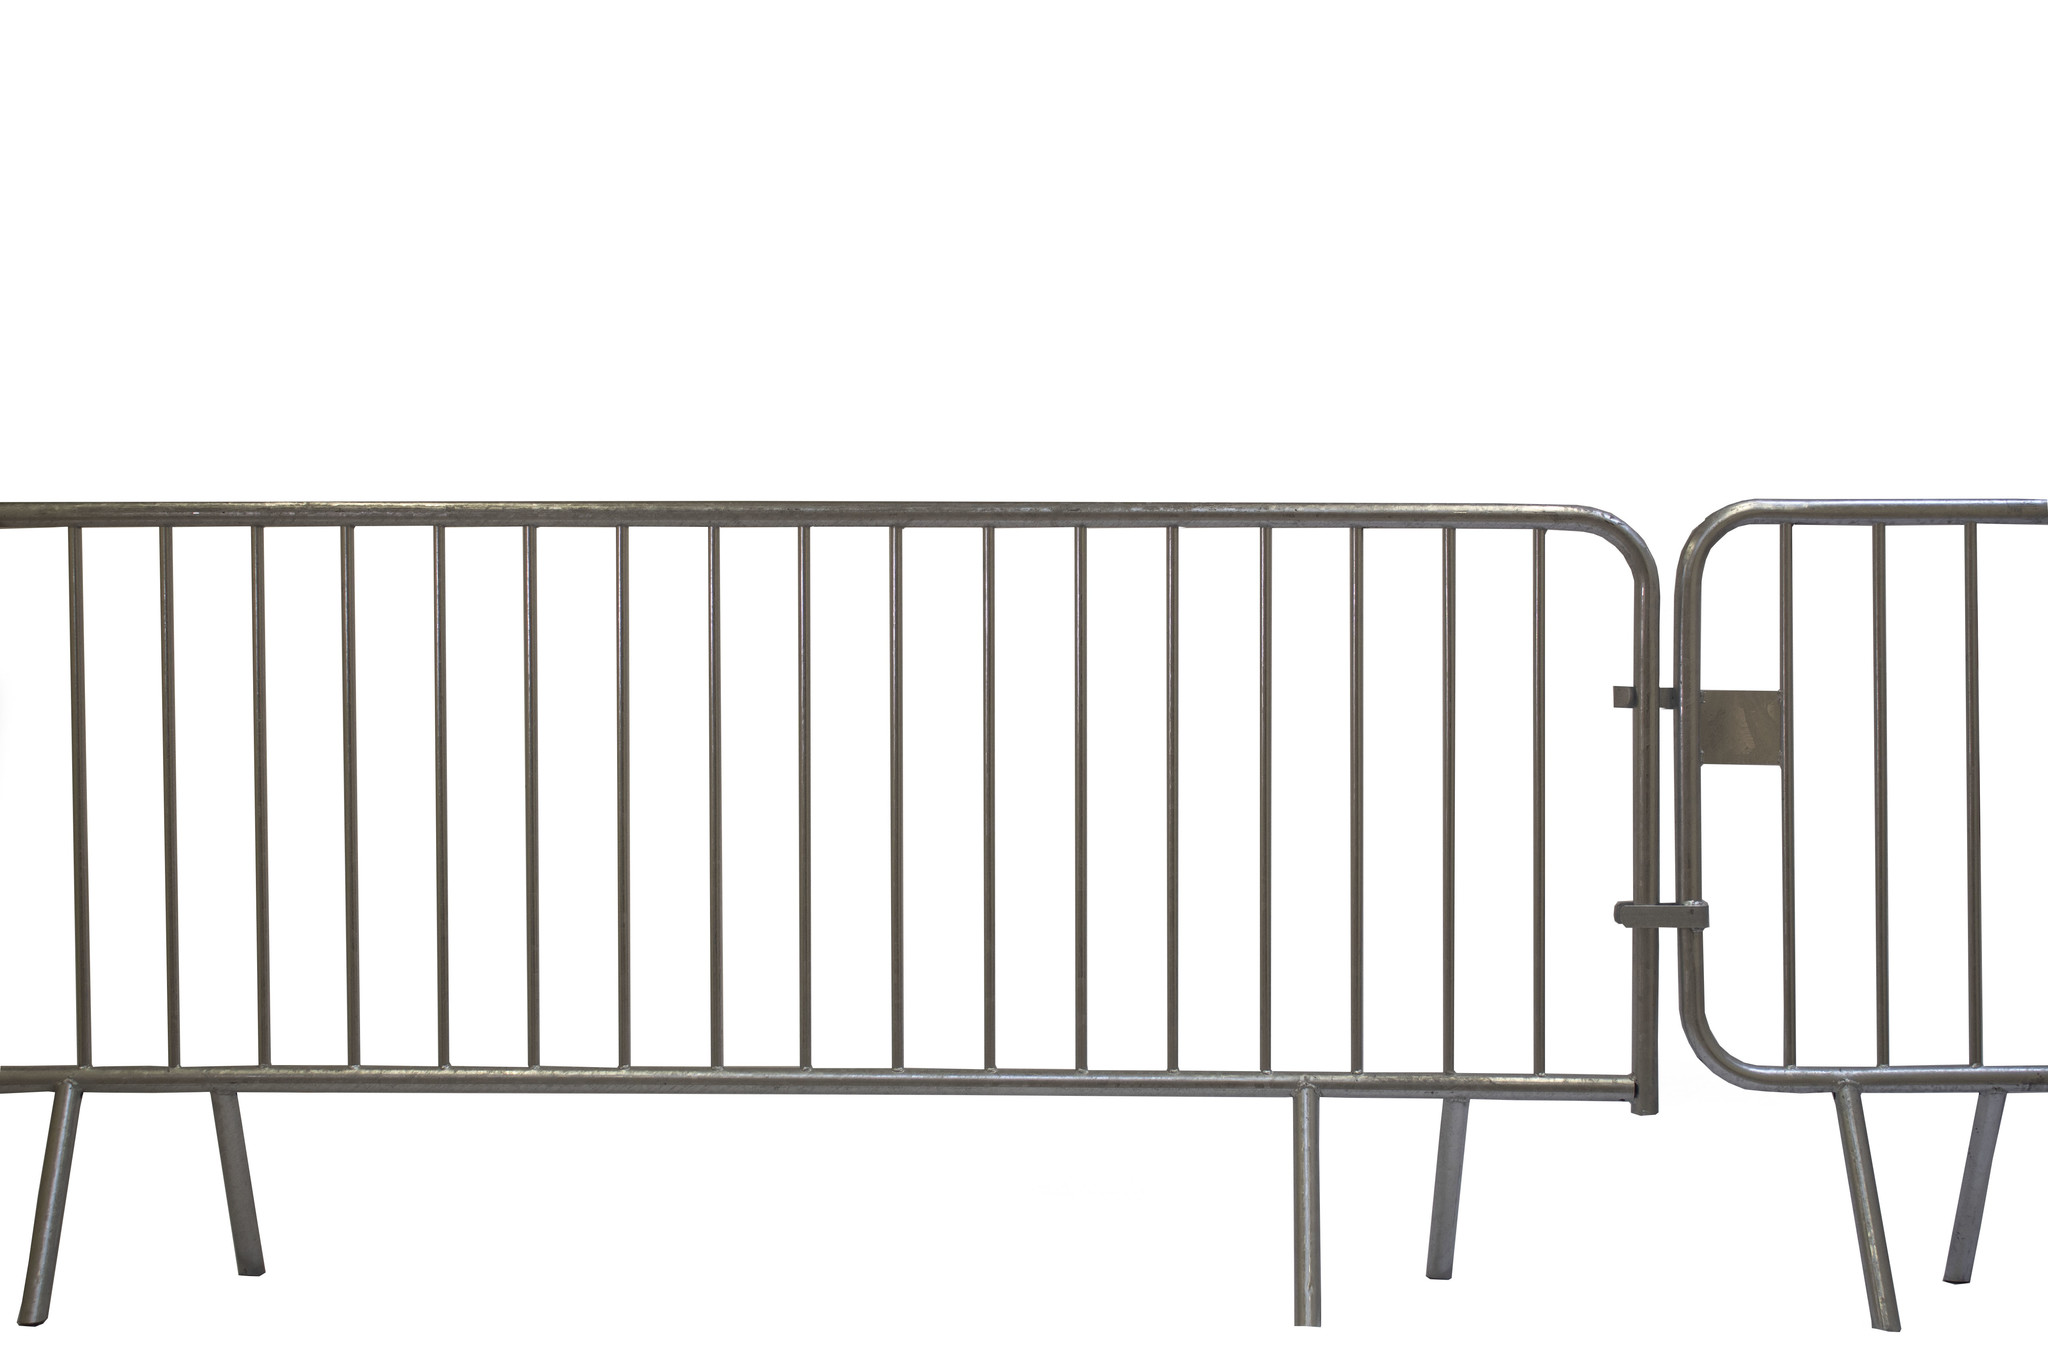 Dranghek/Nadarhek 14 spijlen - 200 x 110 cm